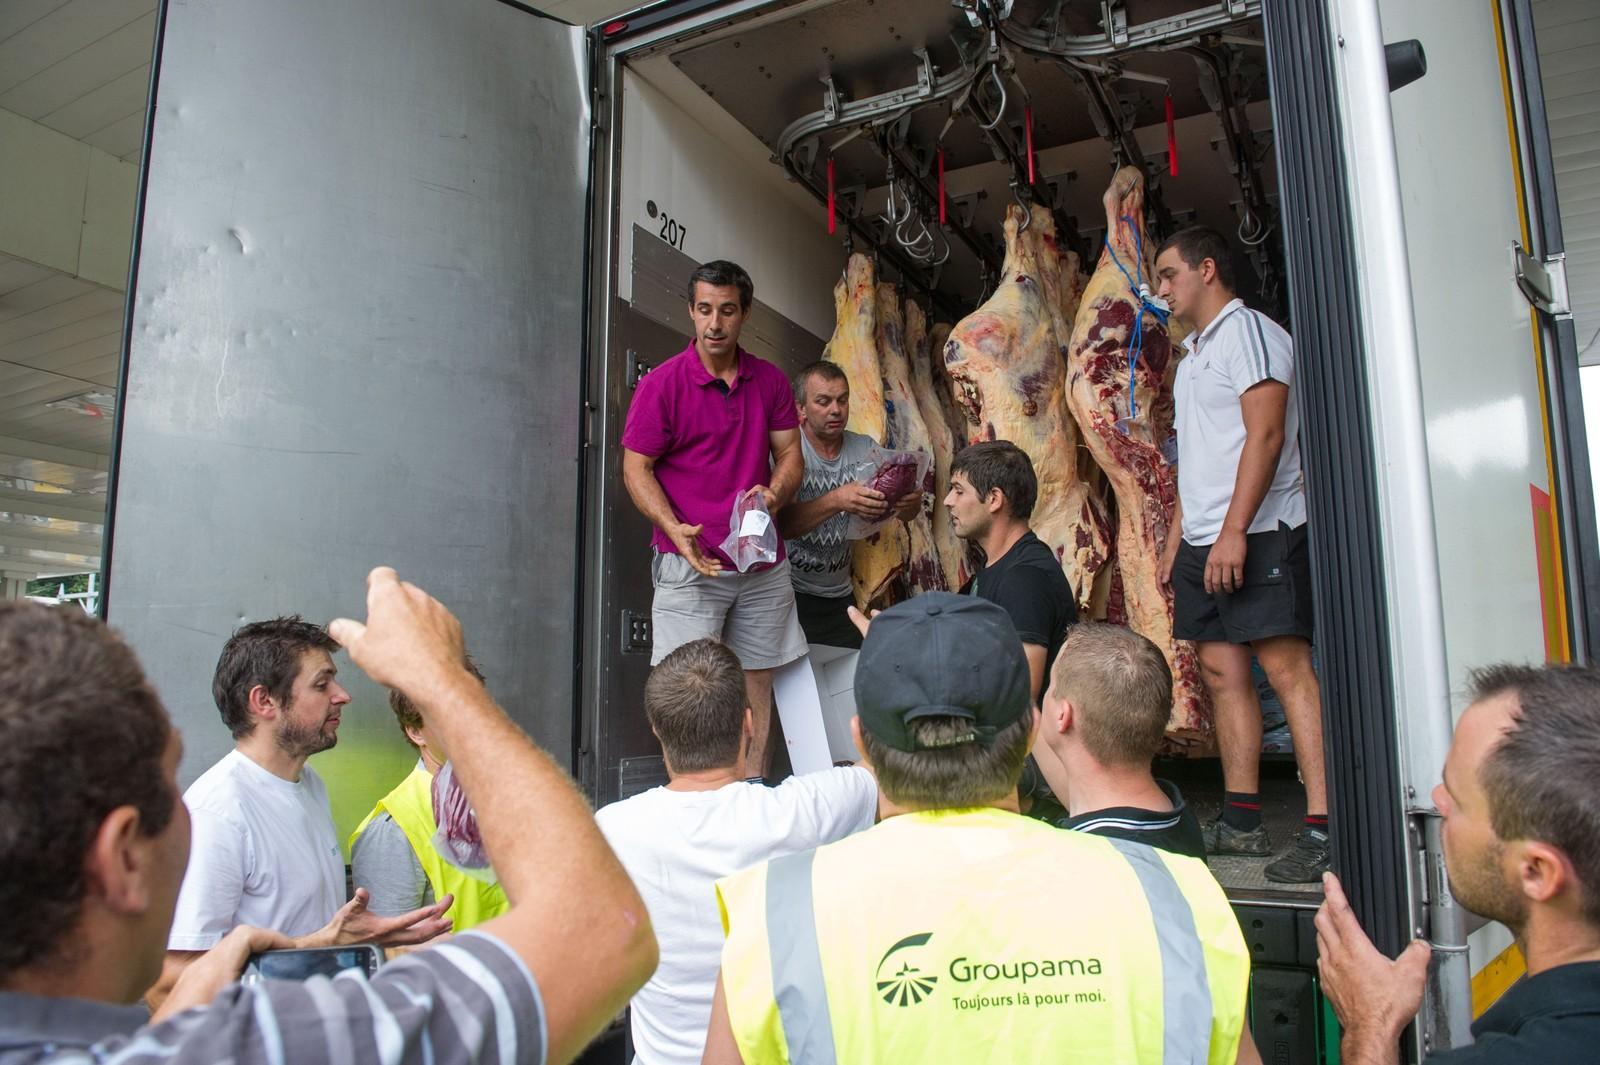 Franske bønder på motorveien A36 mellom Sochaux og Besancon tømmer en lastebil med dansk kjøtt som er bearbeidet i Tyskland.